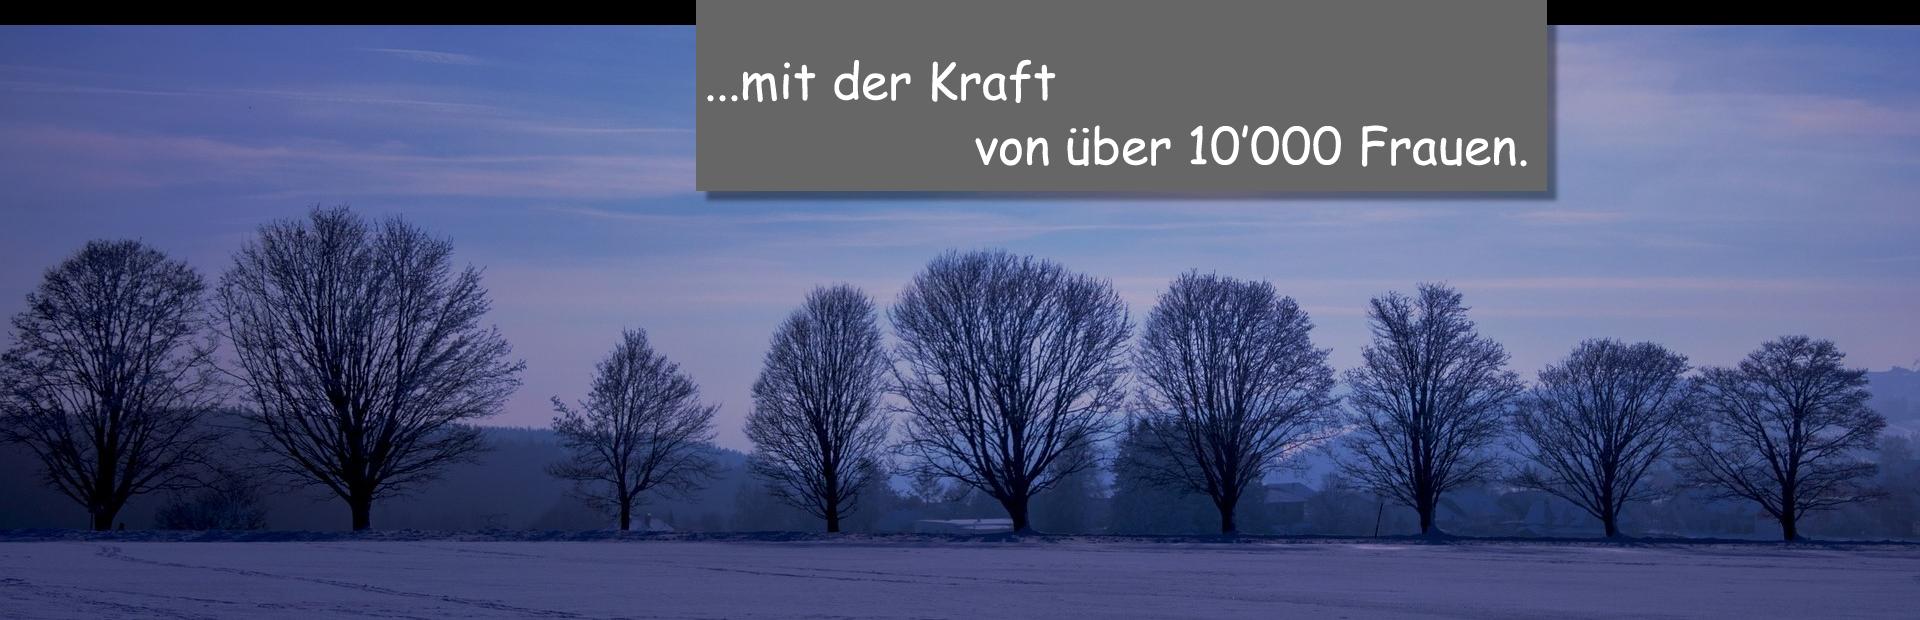 Bume_Kraft